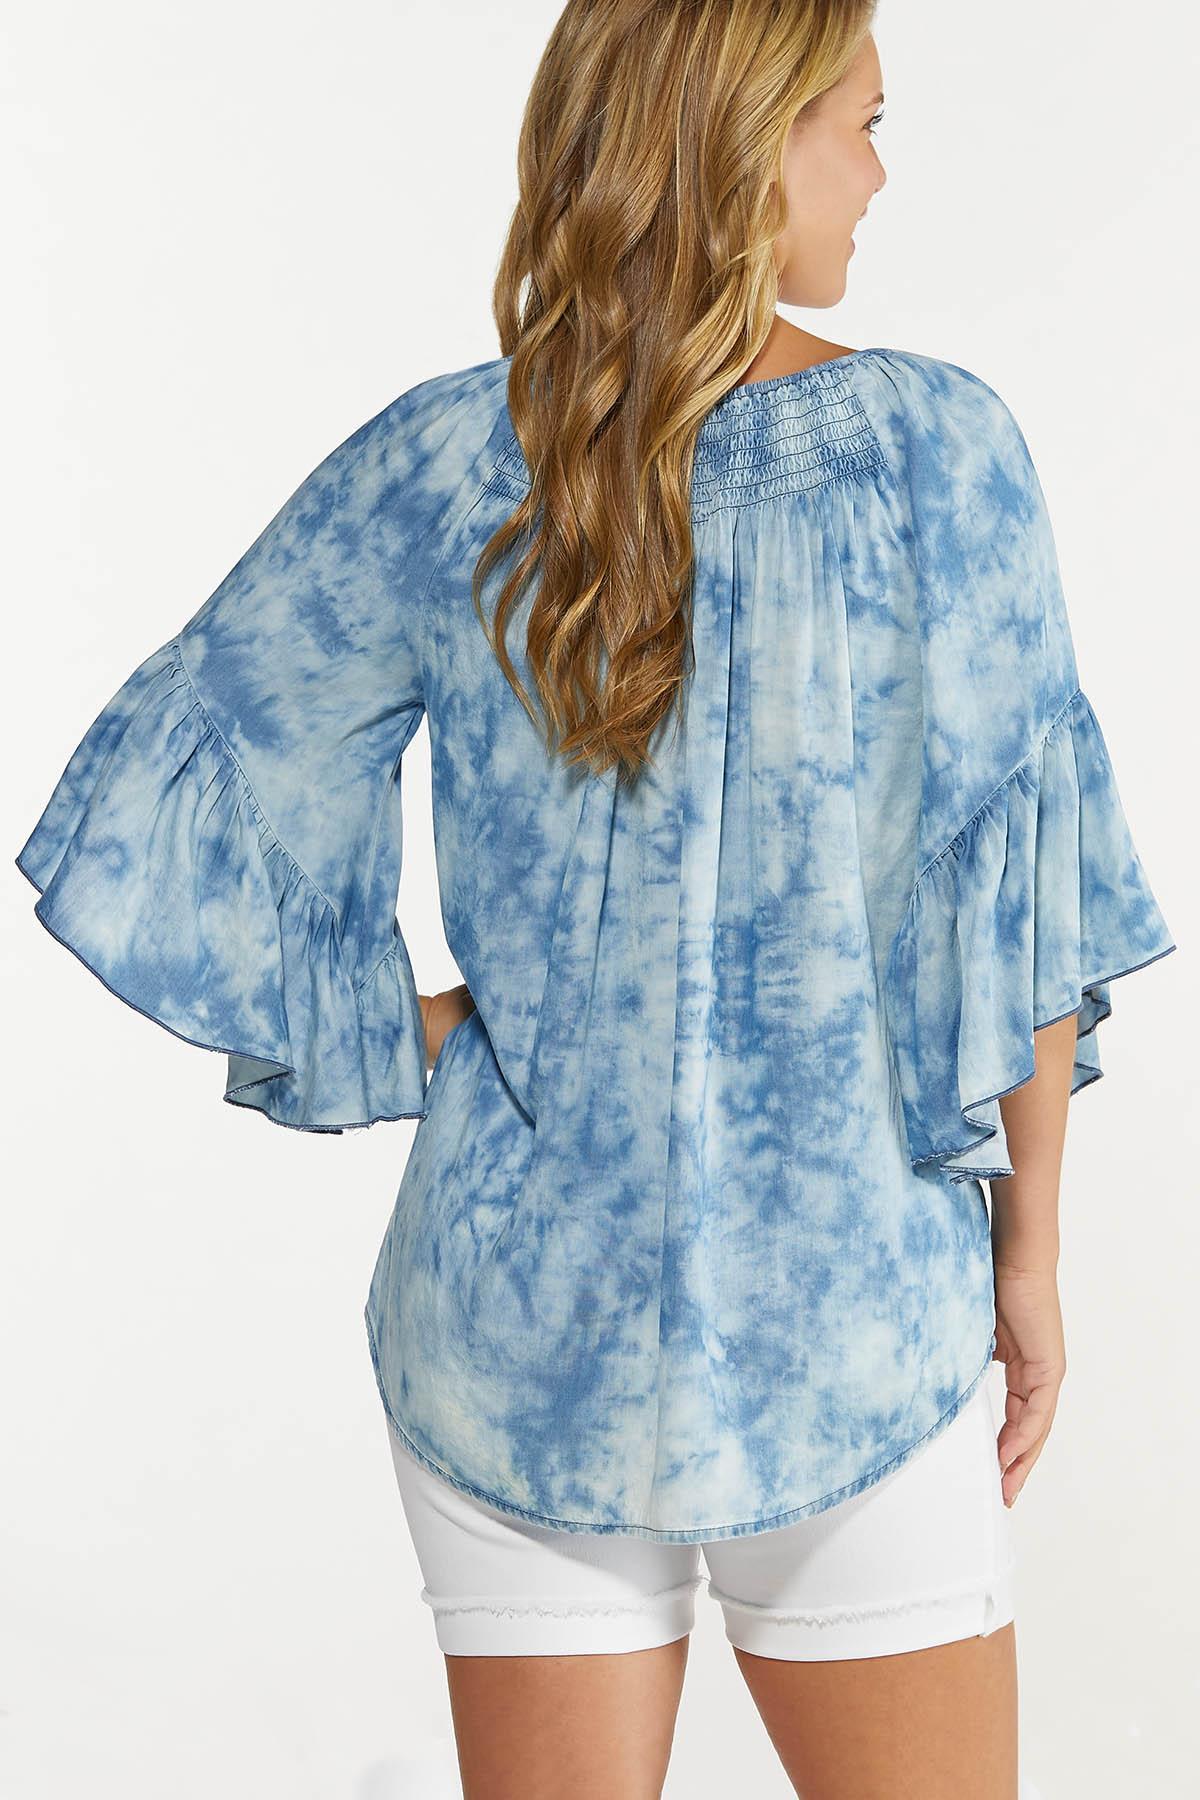 Plus Size Tie Dye Chambray Top (Item #44617082)